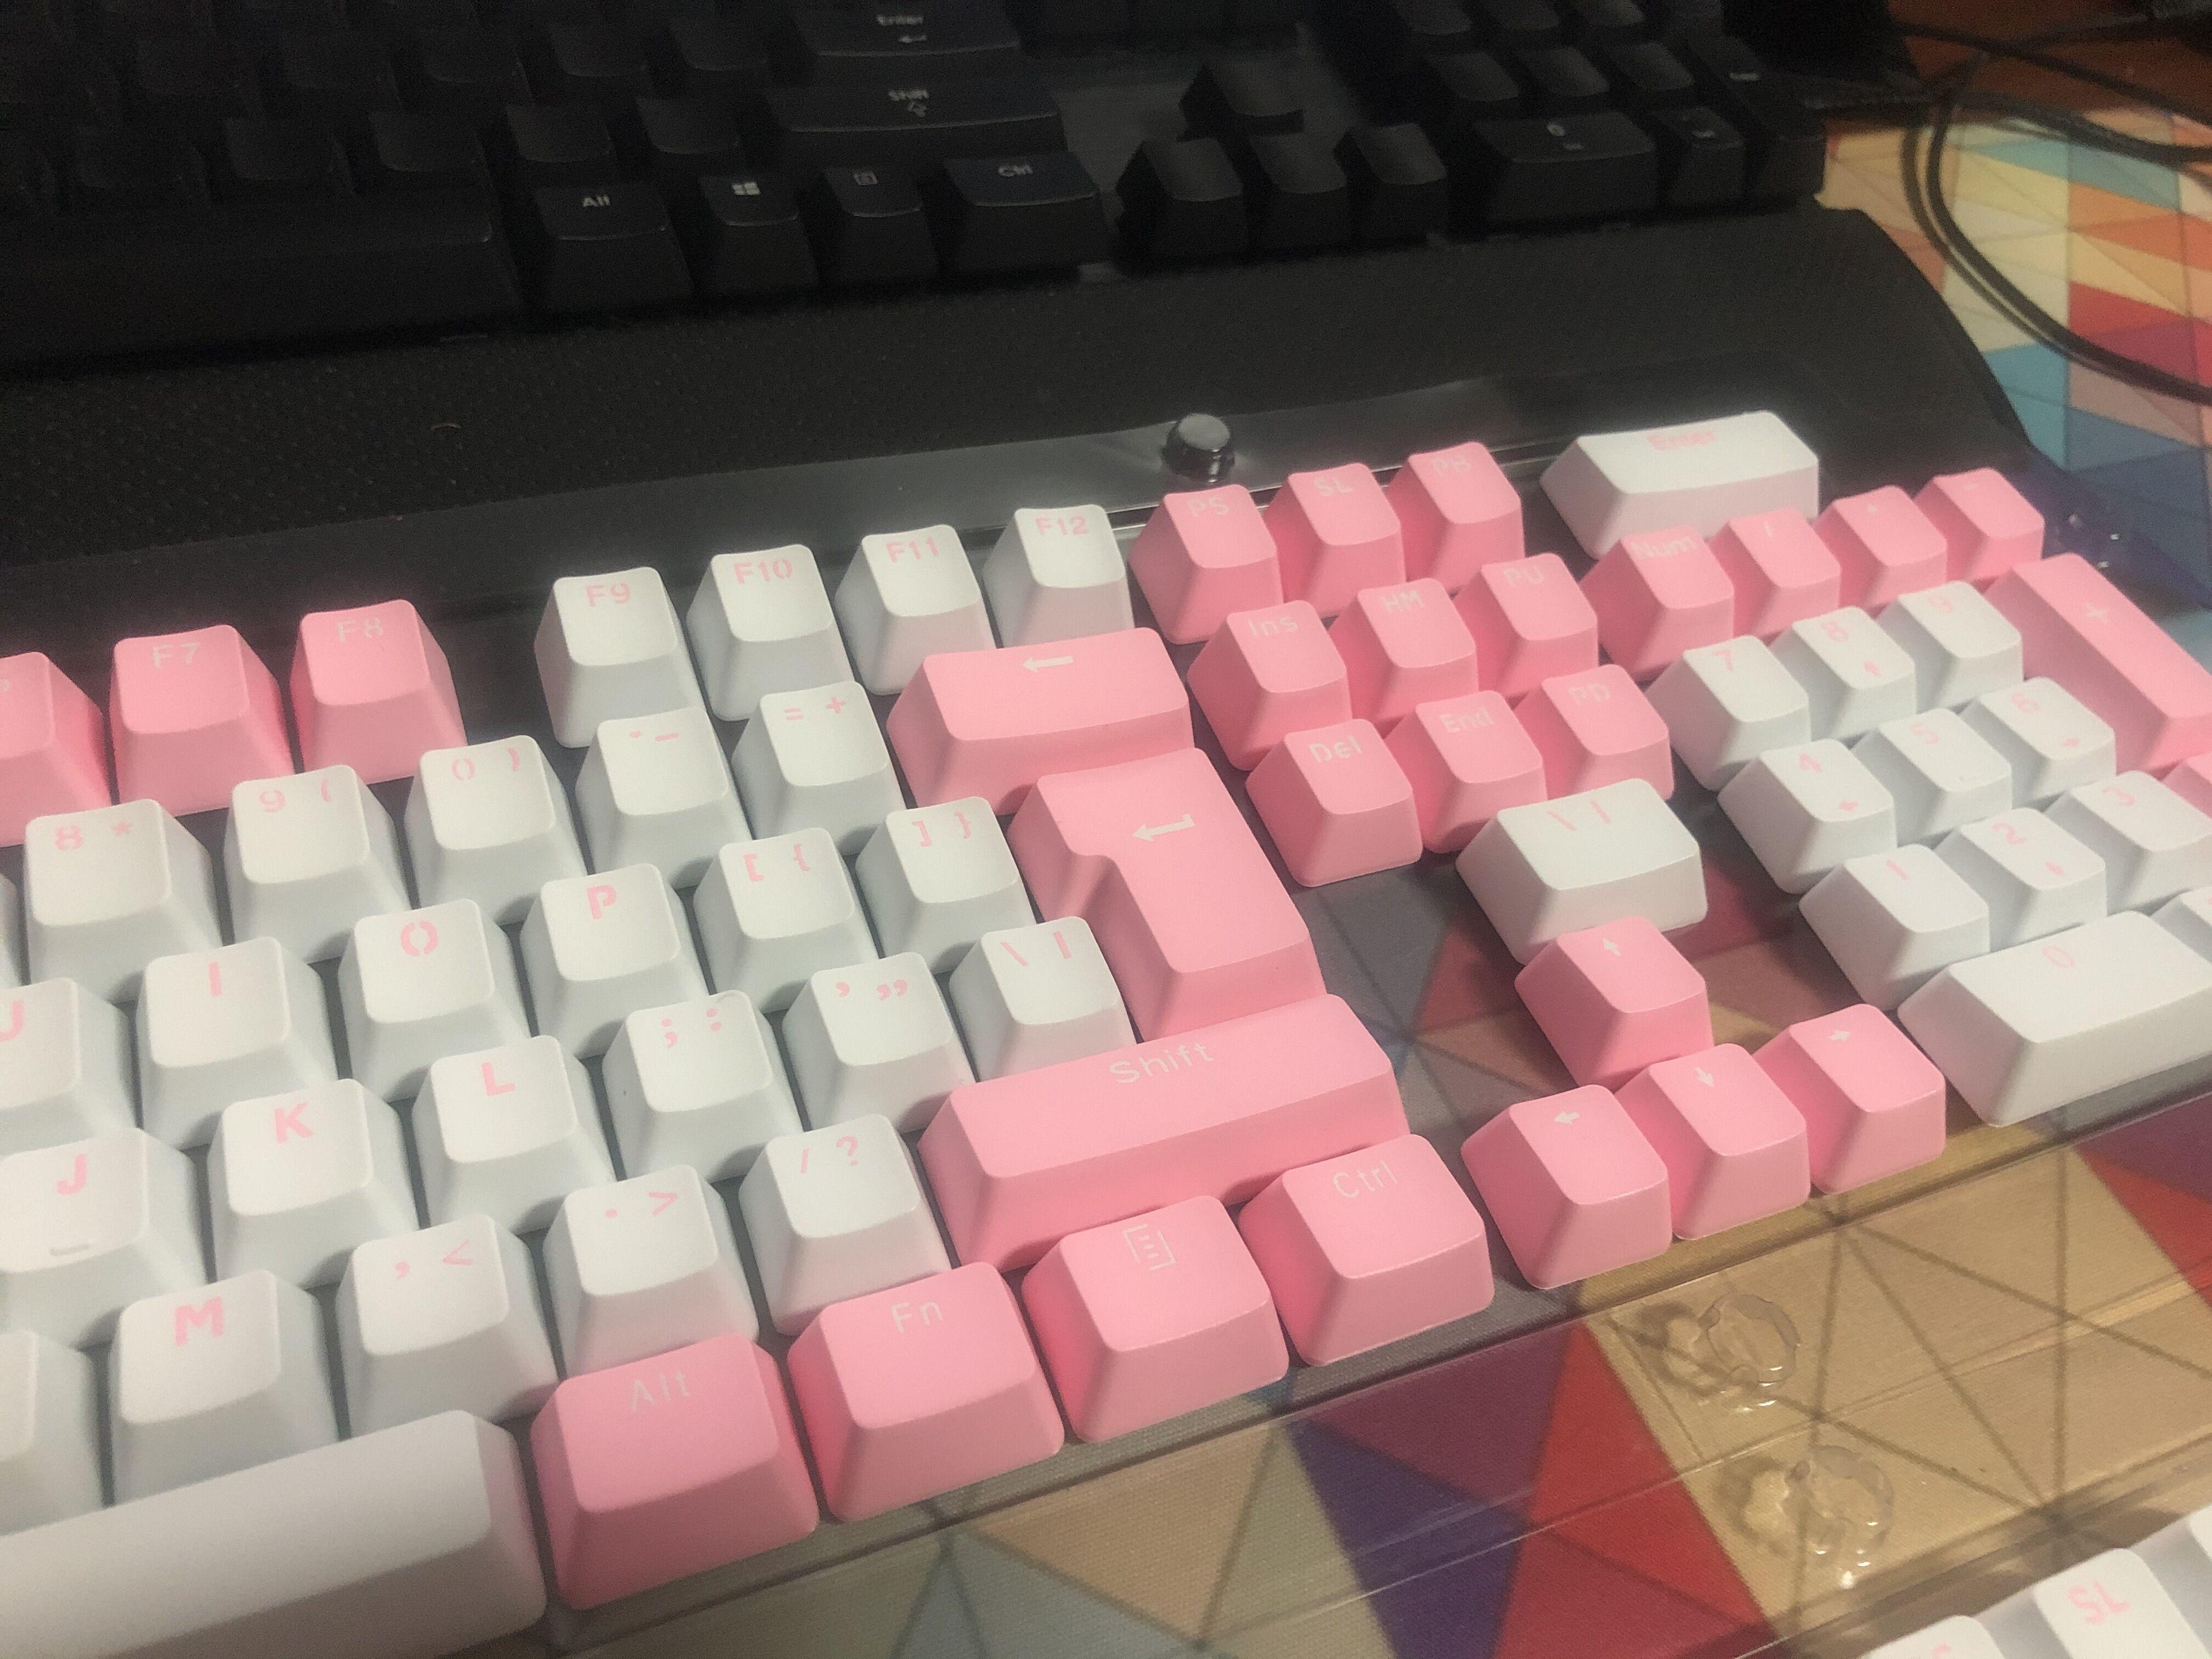 双色键帽二色成型耐磨十字轴 104ABSPBT 键帽机械键盘通用